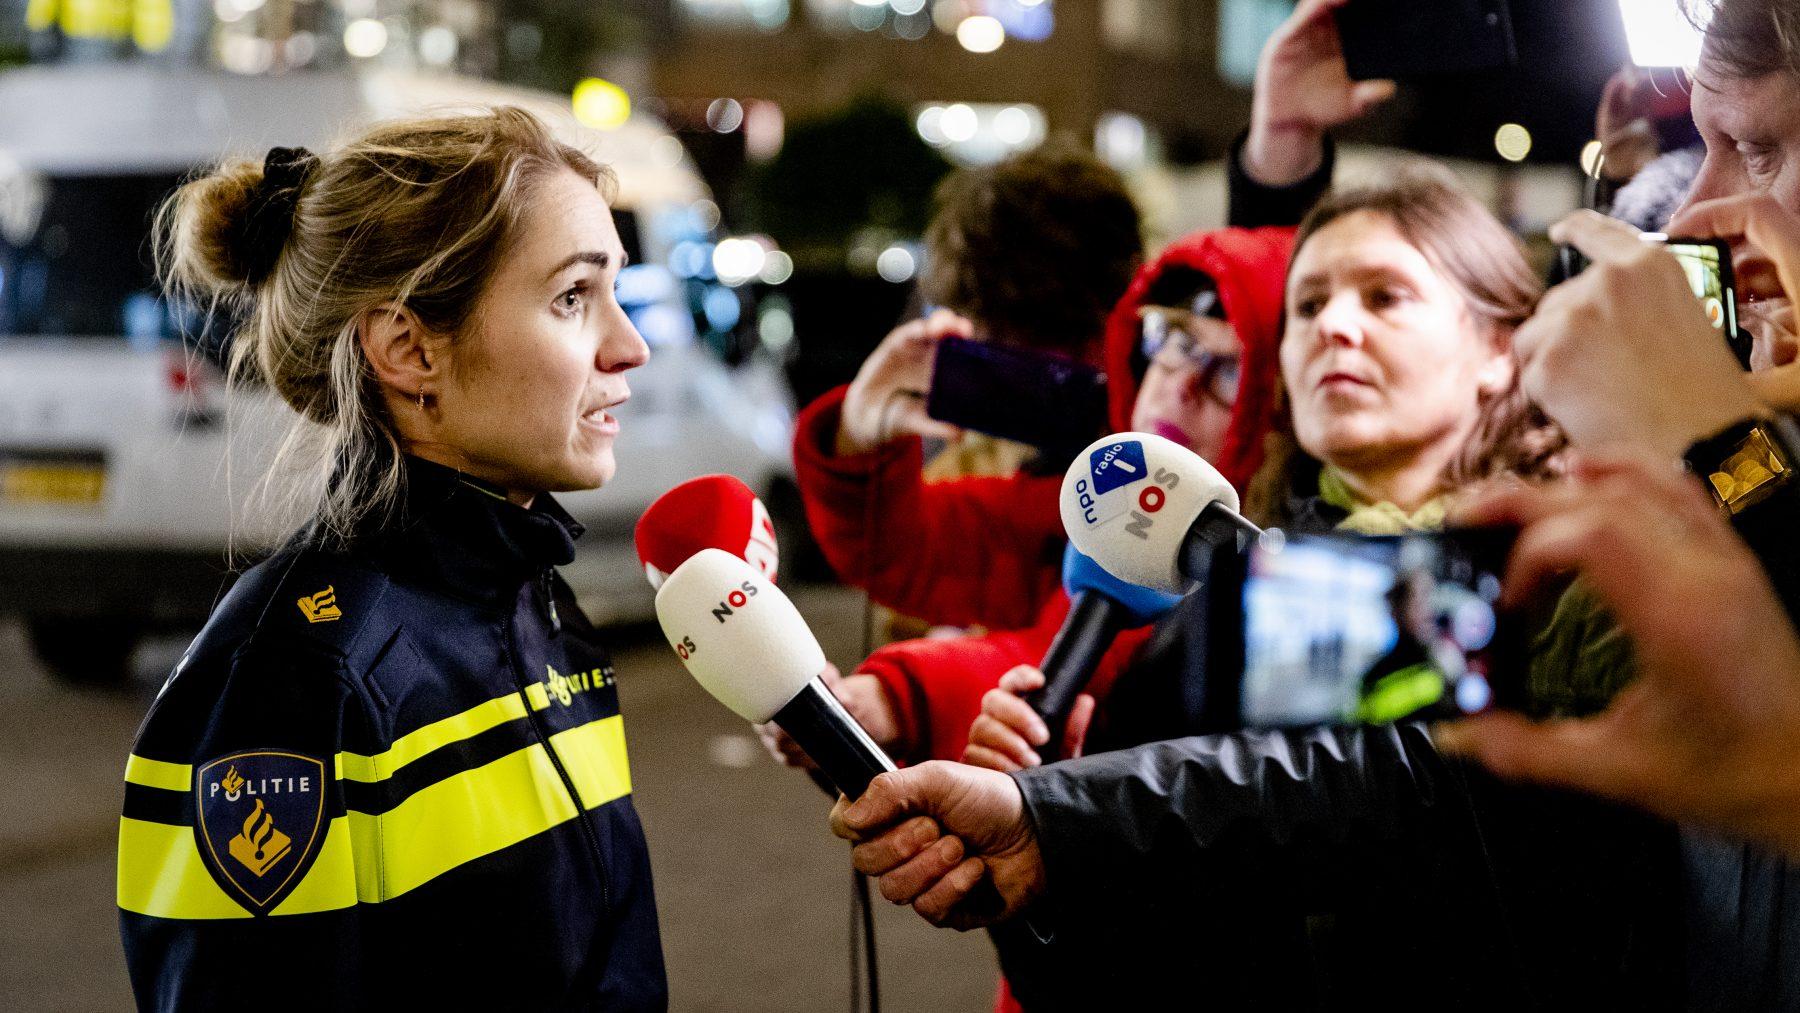 Den Haag steekpartij geen terroristisch motief